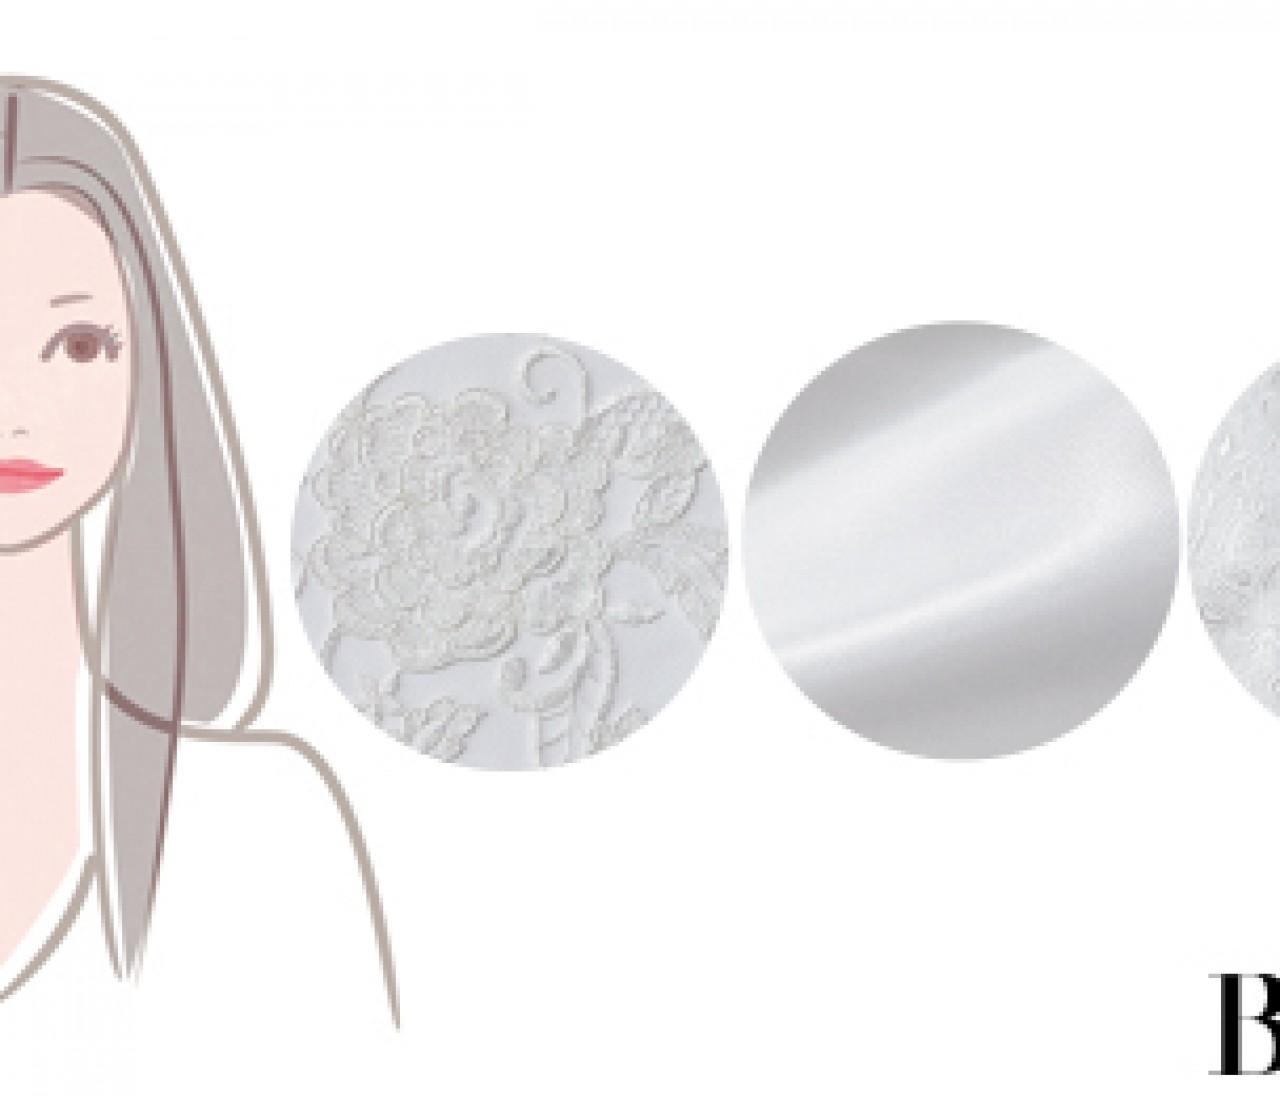 【ブルベ肌×男顔】スノー姫タイプのあなたにぴったりの「白ドレス」は?